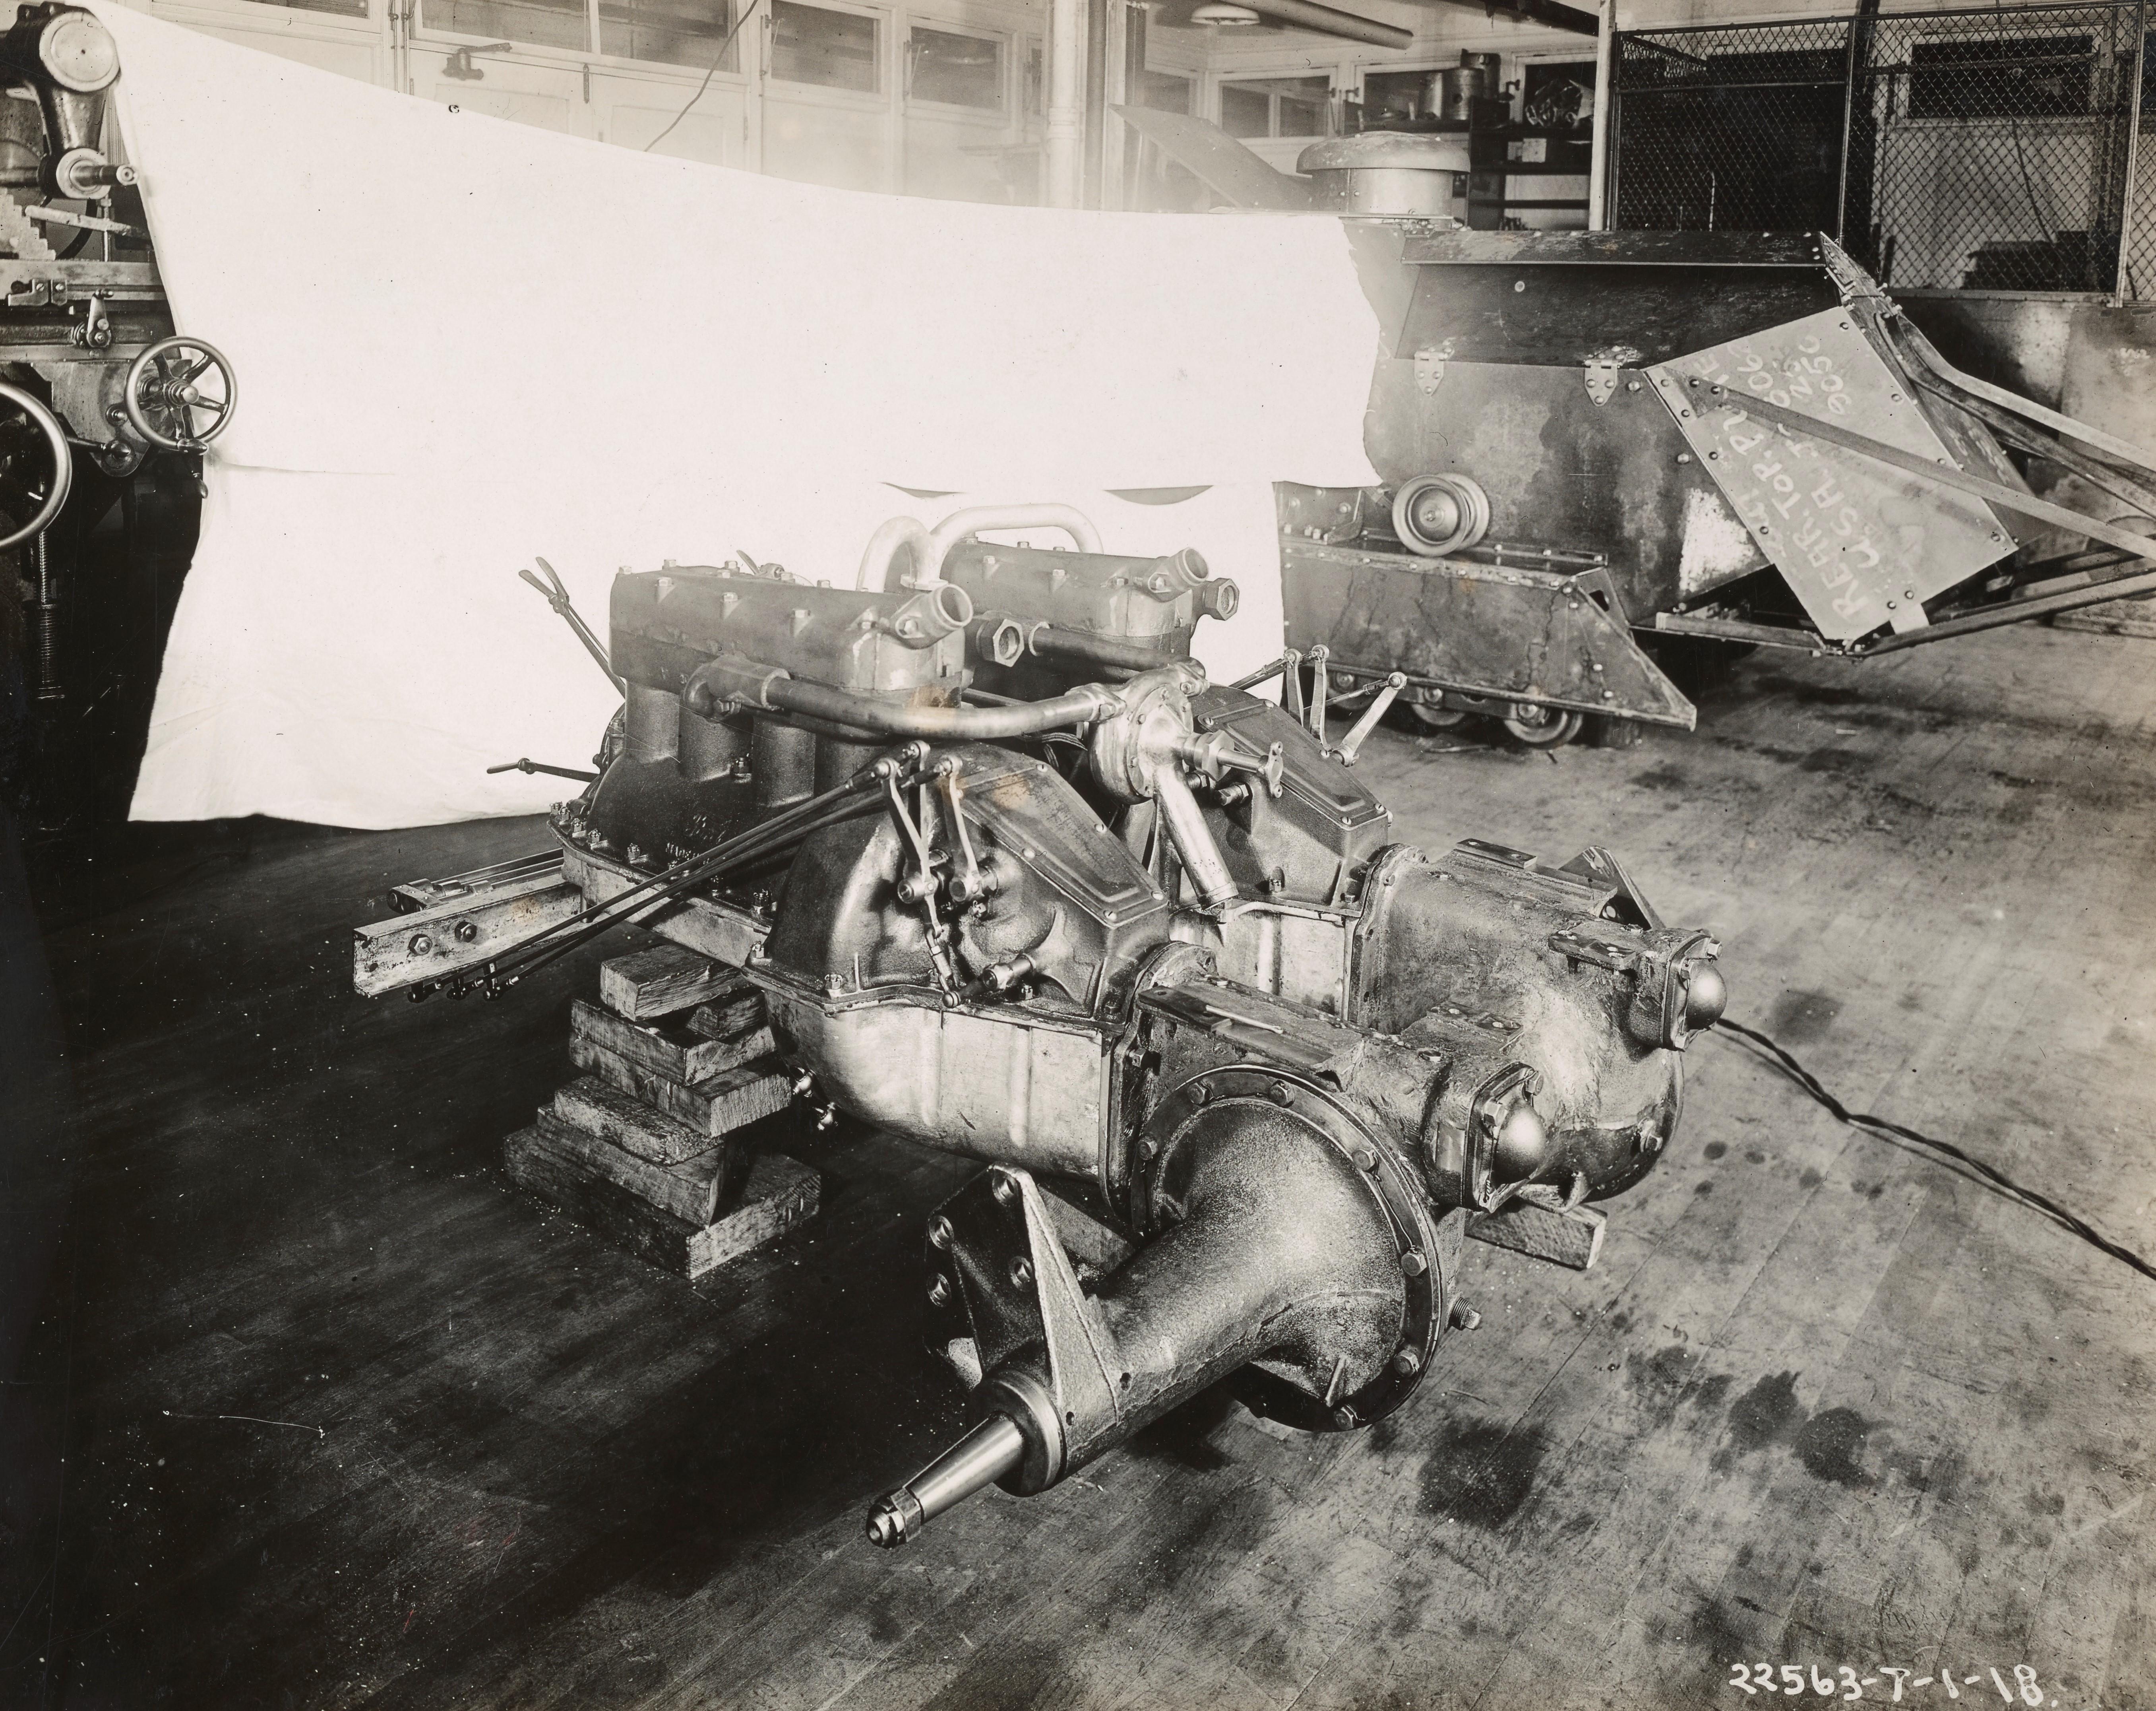 165-WW-303A-116 - Copy